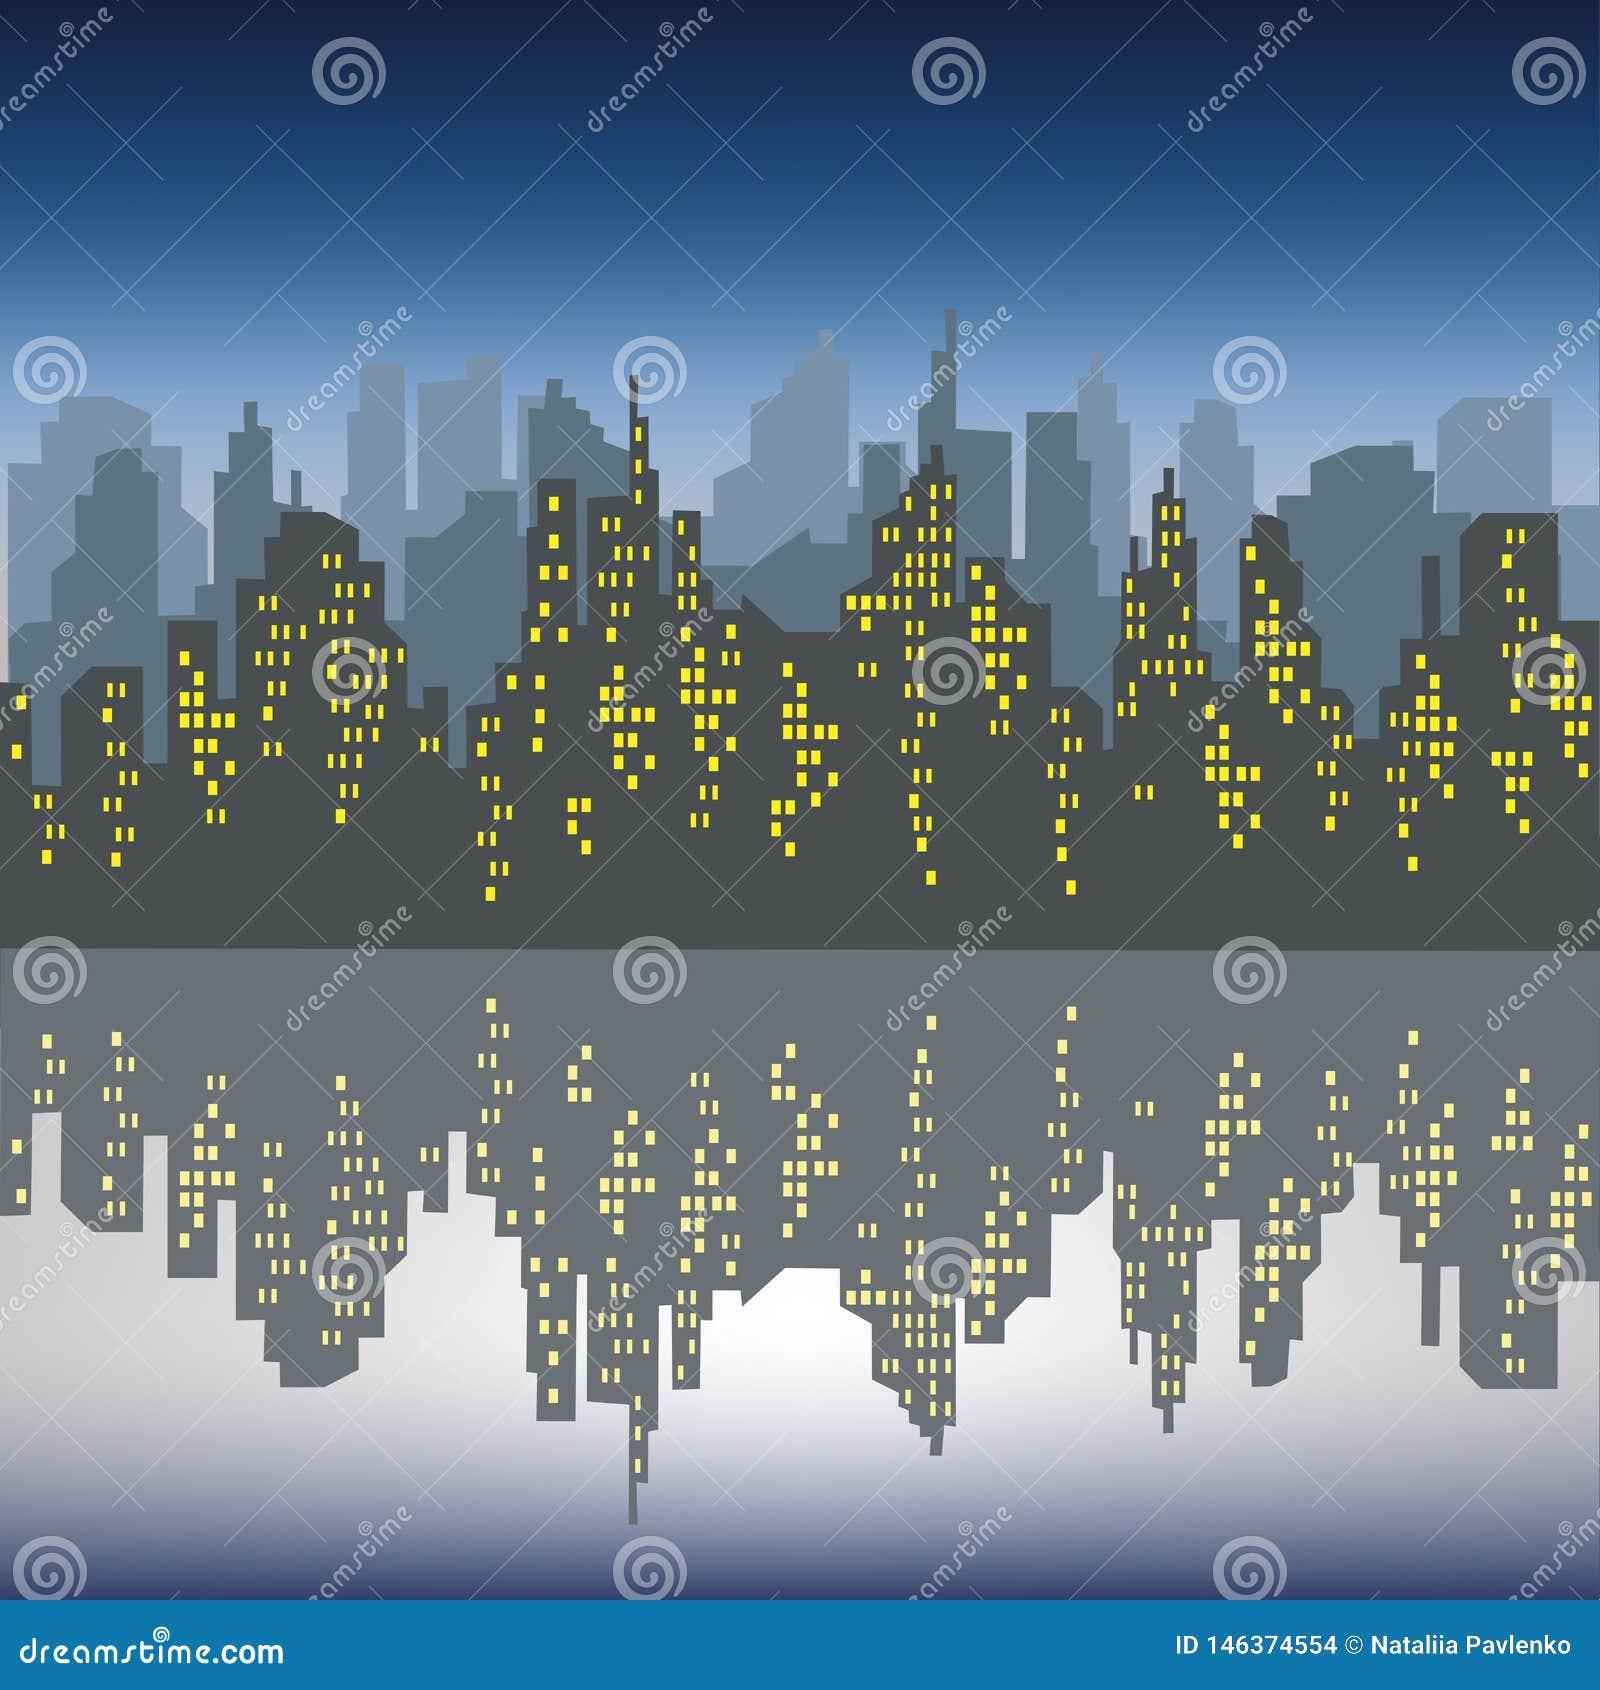 Silueta de una ciudad grande contra un fondo de un cielo azul marino Las ventanas en las casas se encienden La ciudad se refleja